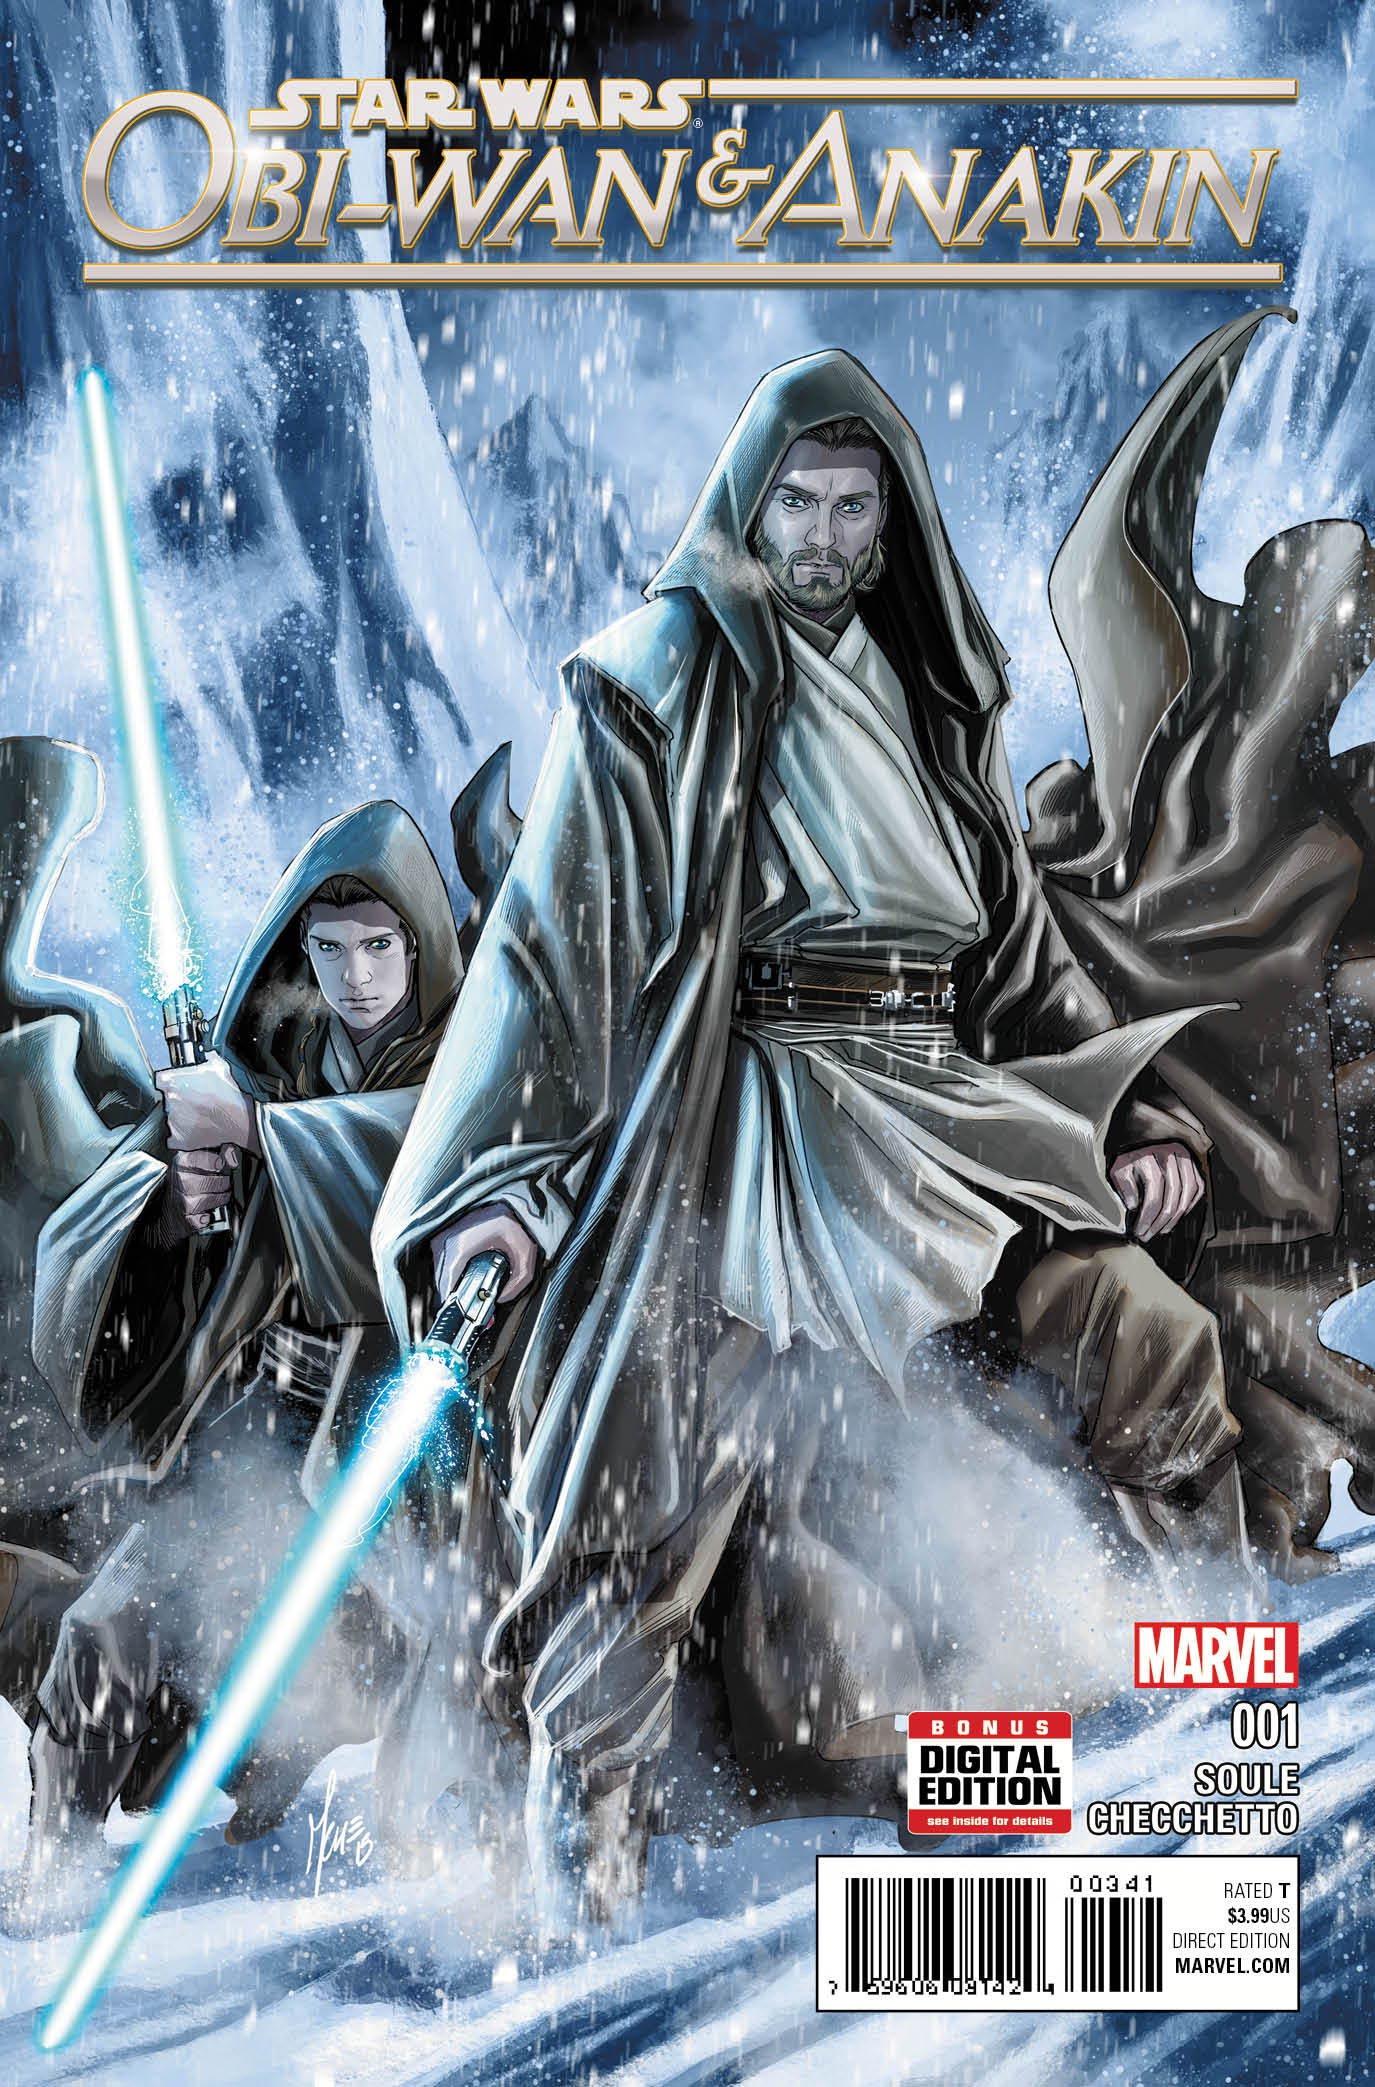 Obi-Wan_and_Anakin_1_Cover.jpg